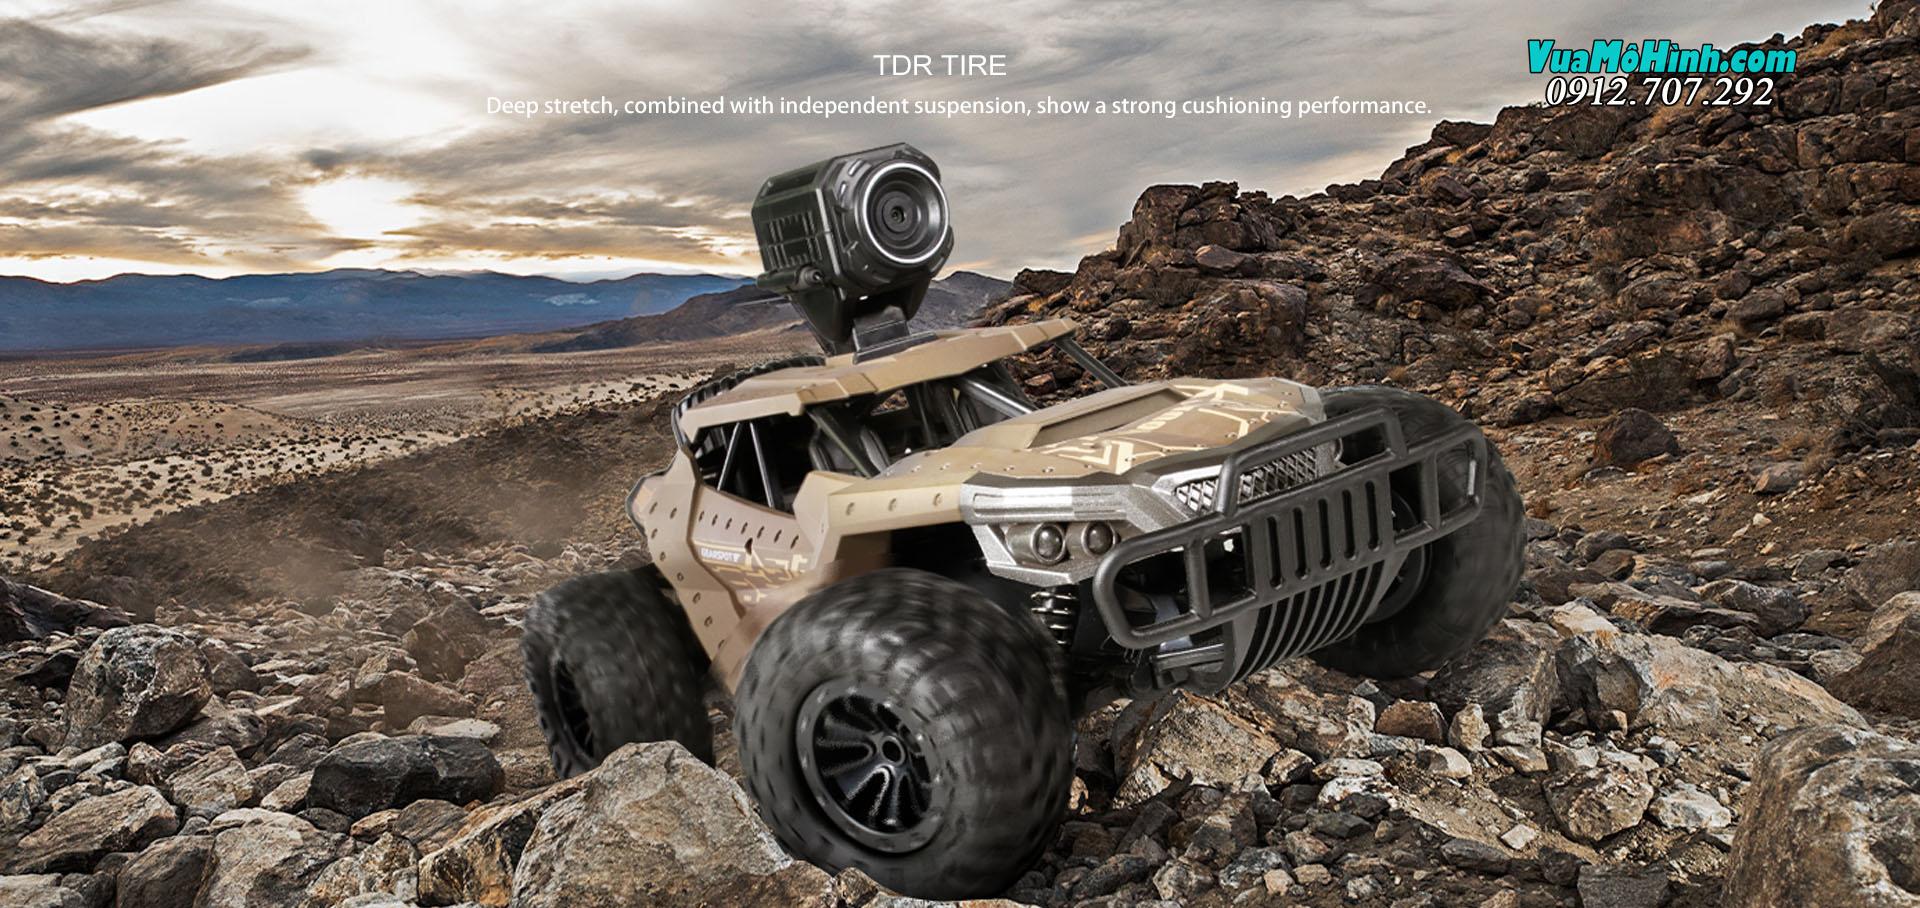 đồ chơi mô hình ô tô rc xe điều khiển từ xa hcm giá rẻ, chính hãng, cao cấp, ô tô điều khiển từ xa cho bé, chạy pin